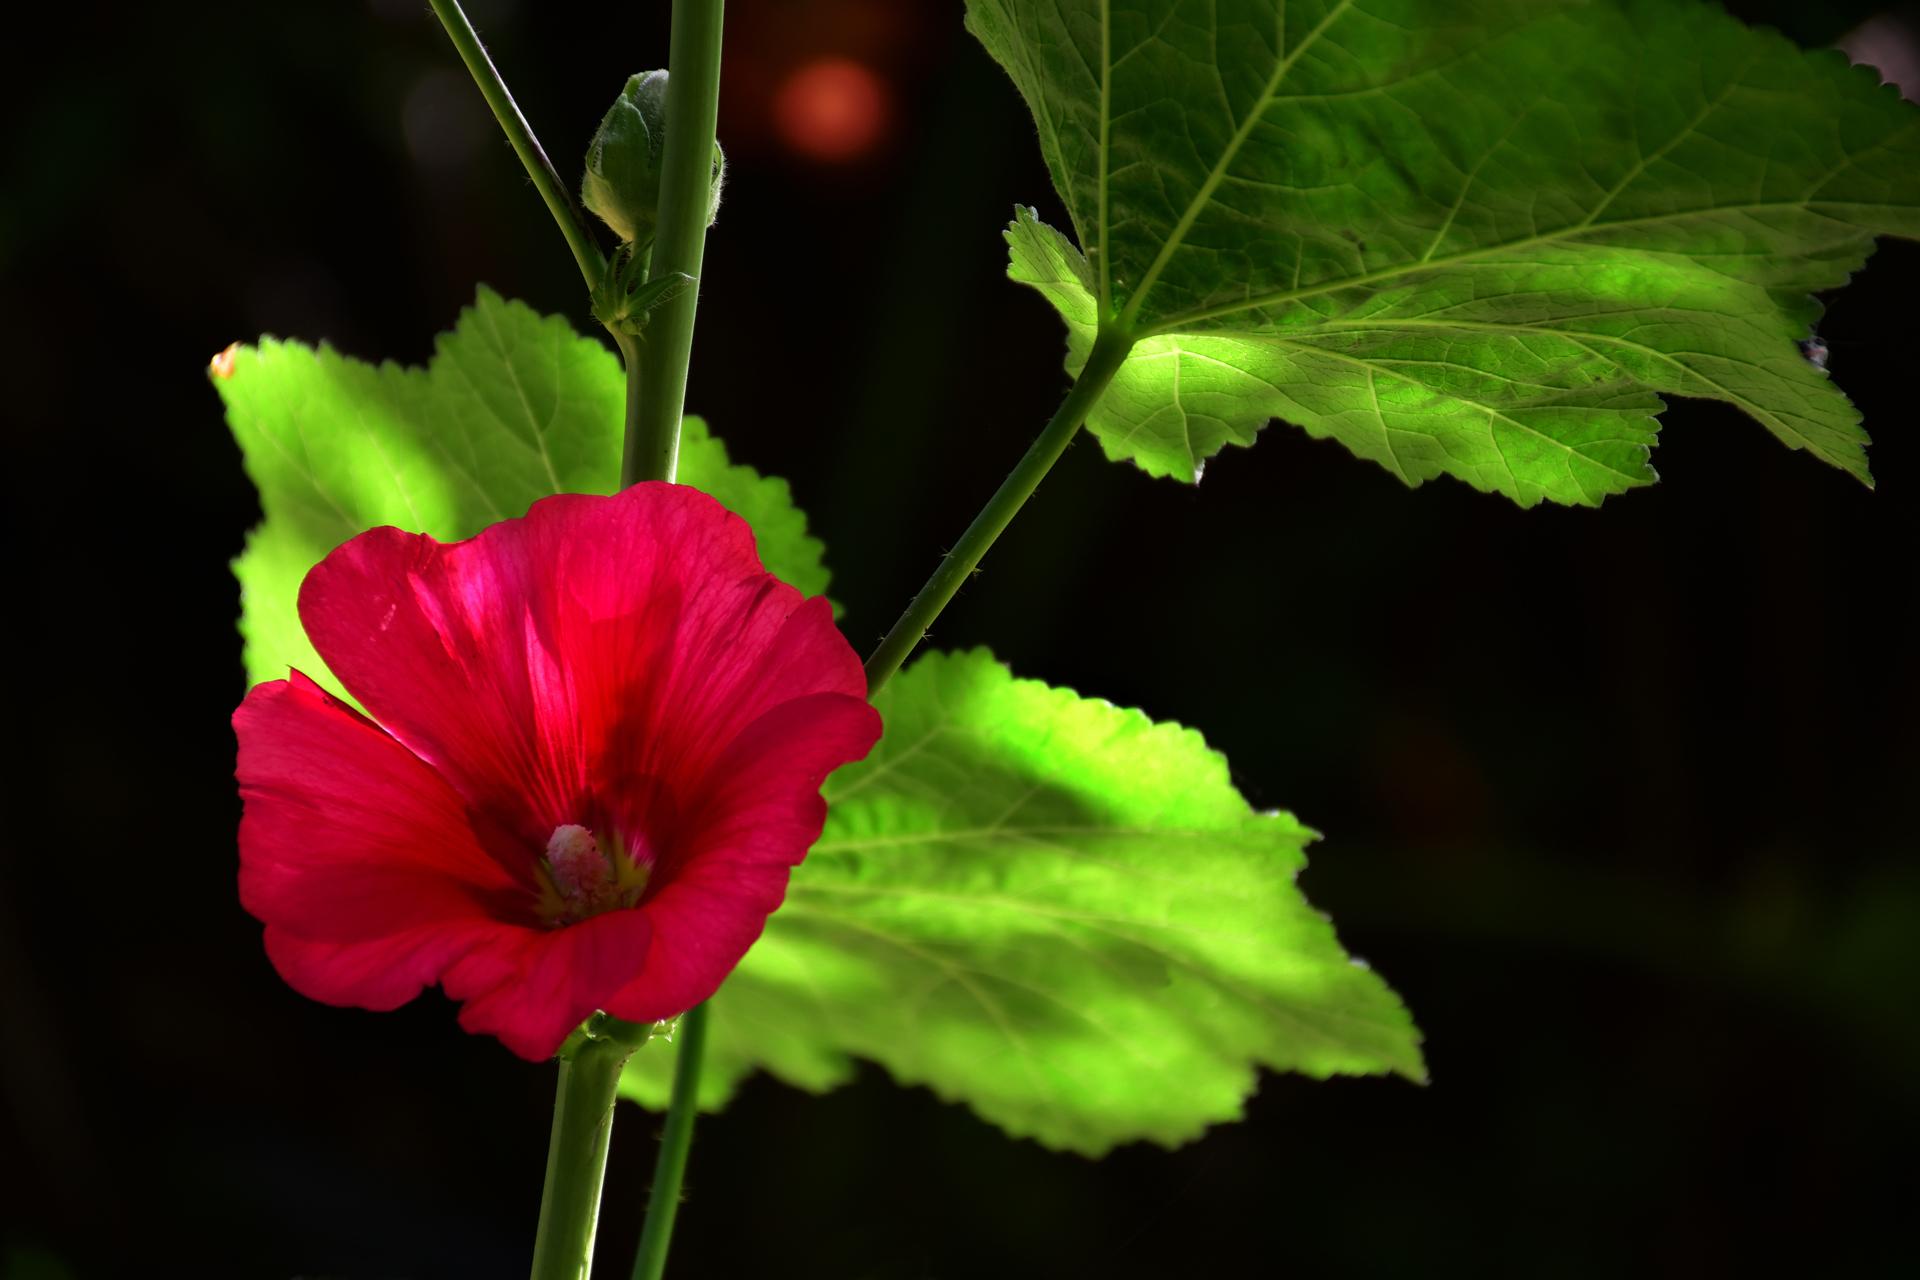 פרח משוגע - יואל שתרוג - אדמה יוצרת - yoel sitruk